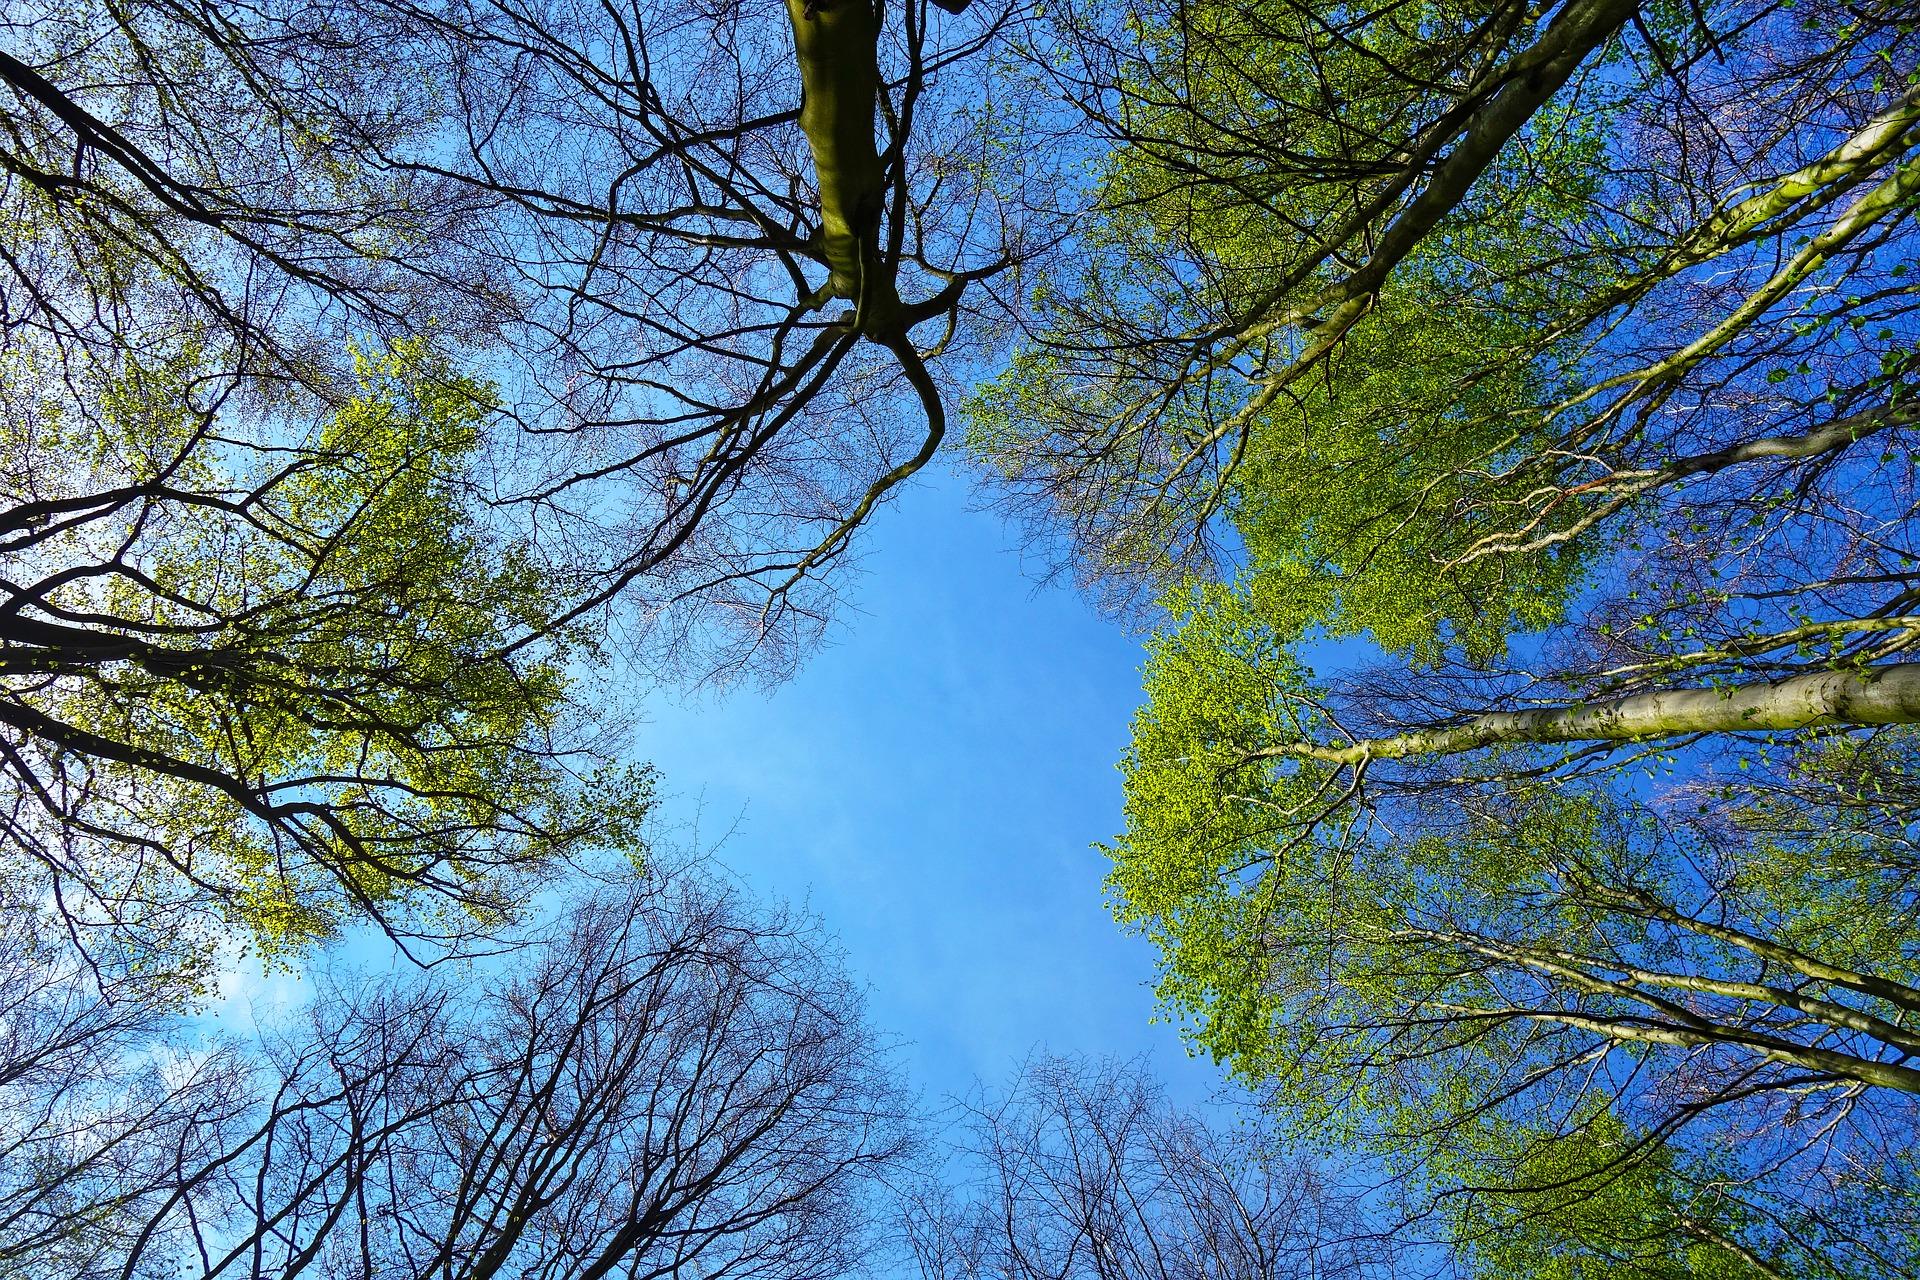 Z Parku Szelągowskiego zniknie kilkadziesiąt drzew? Zagrażają dwóm rurociągom miejskim